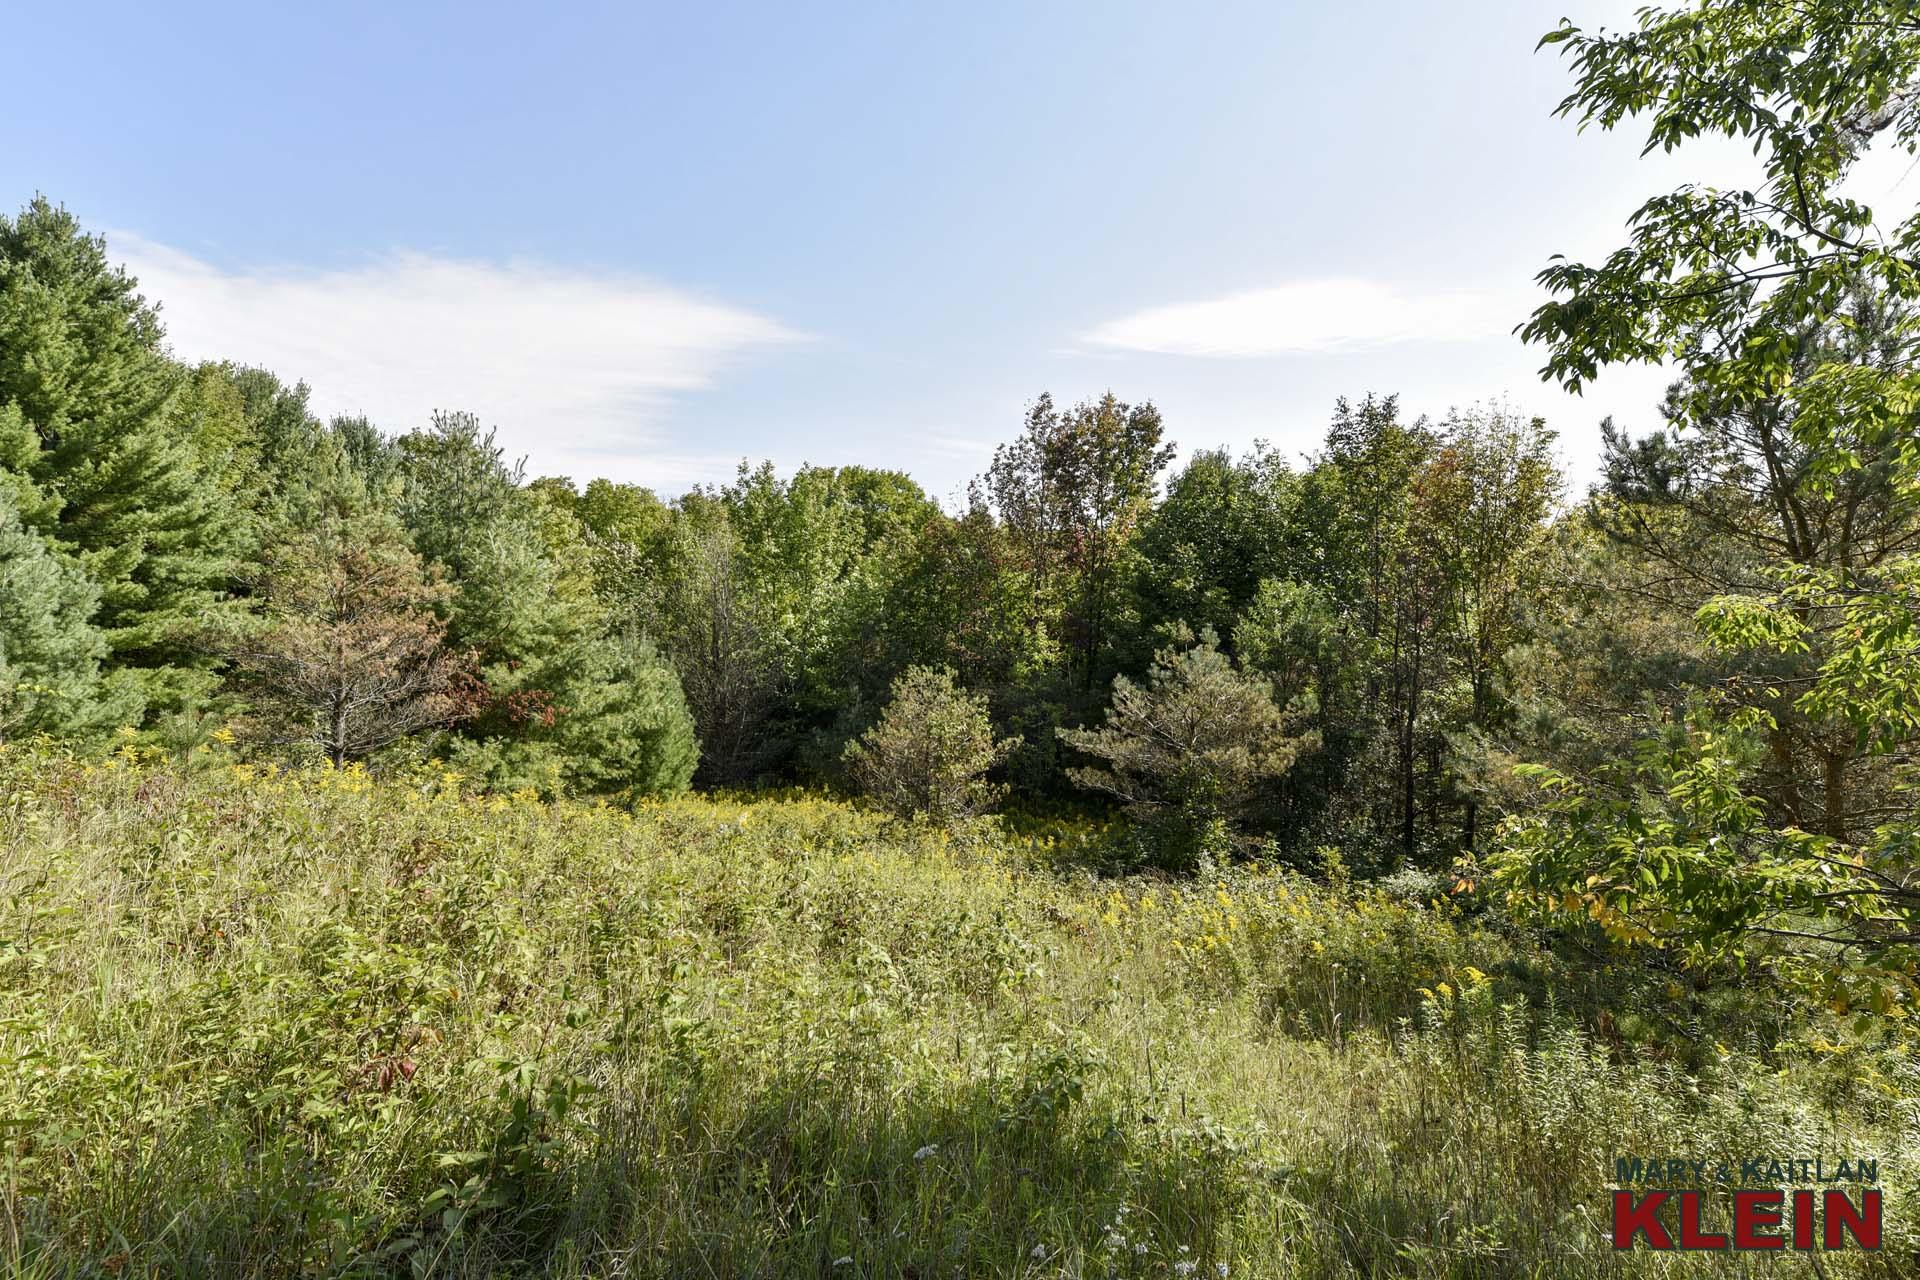 Mature trees and setting, Mulmur, ON